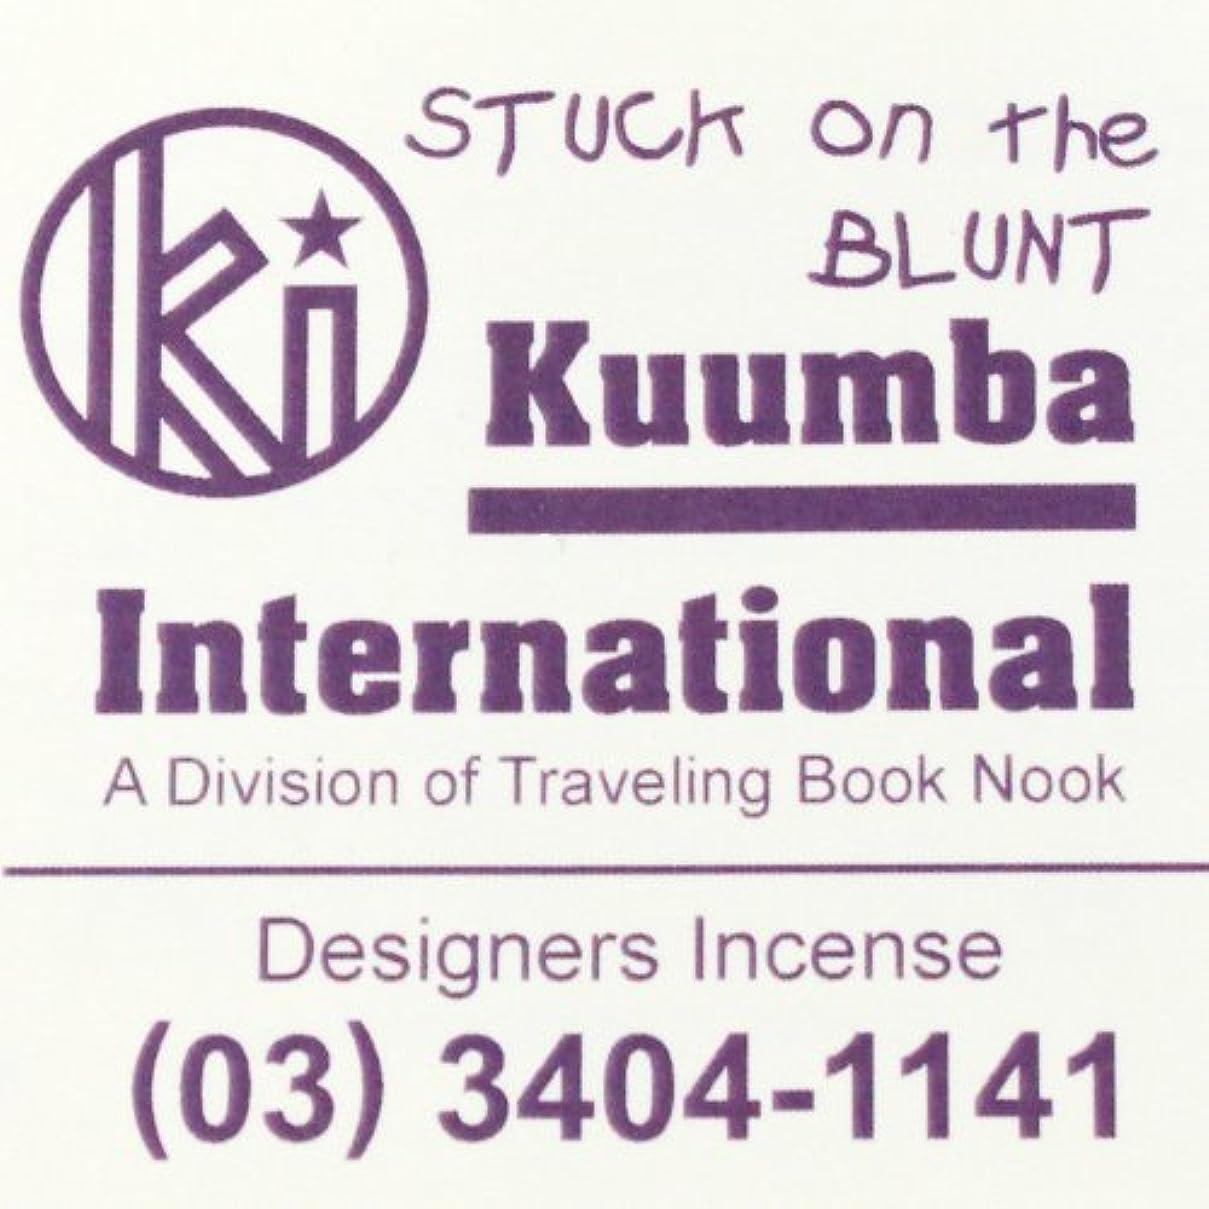 障害ミンチ化合物(クンバ) KUUMBA『incense』(STUCK on the BLUNT) (Regular size)